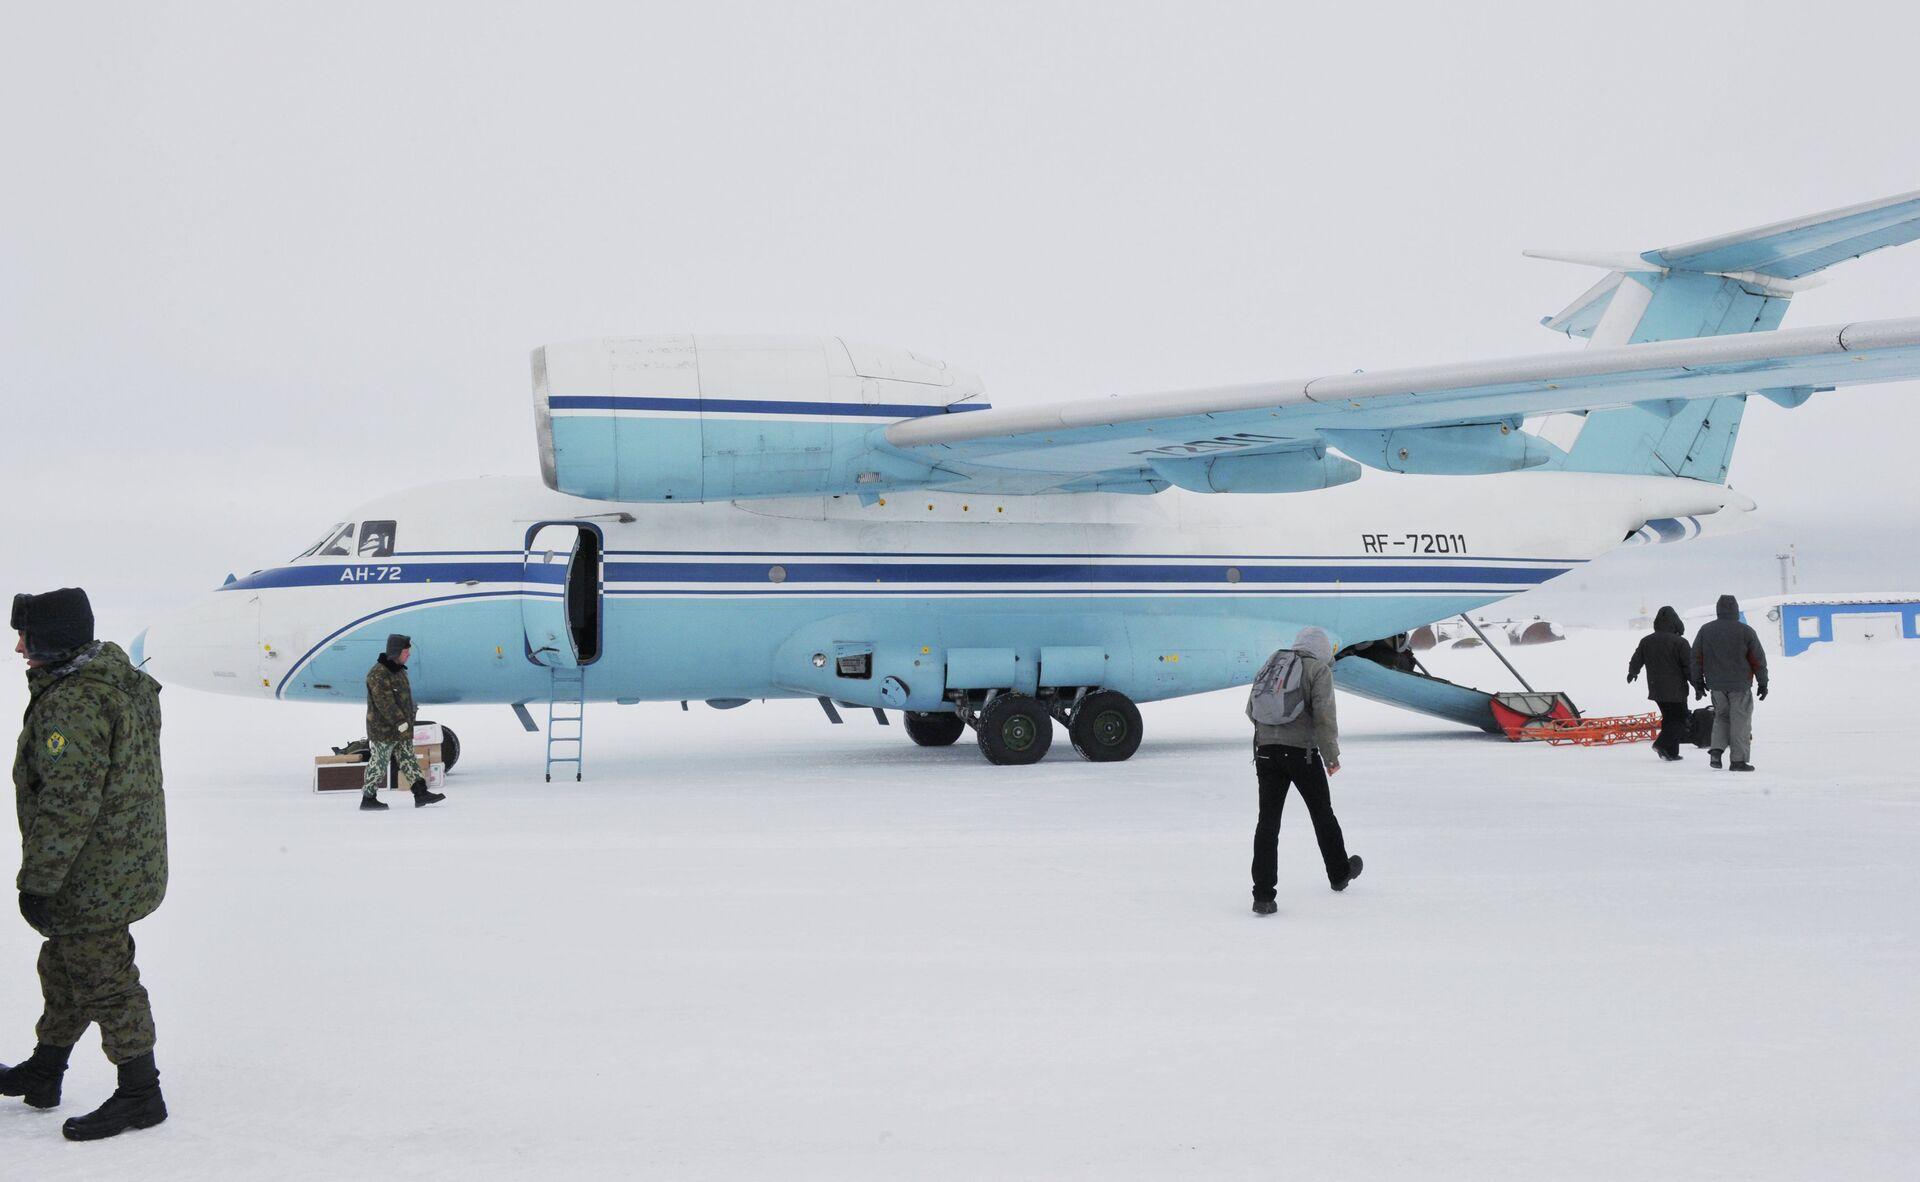 Самолет AN-72 на территории архипелага Земля Франца-Иосифа - РИА Новости, 1920, 26.05.2021